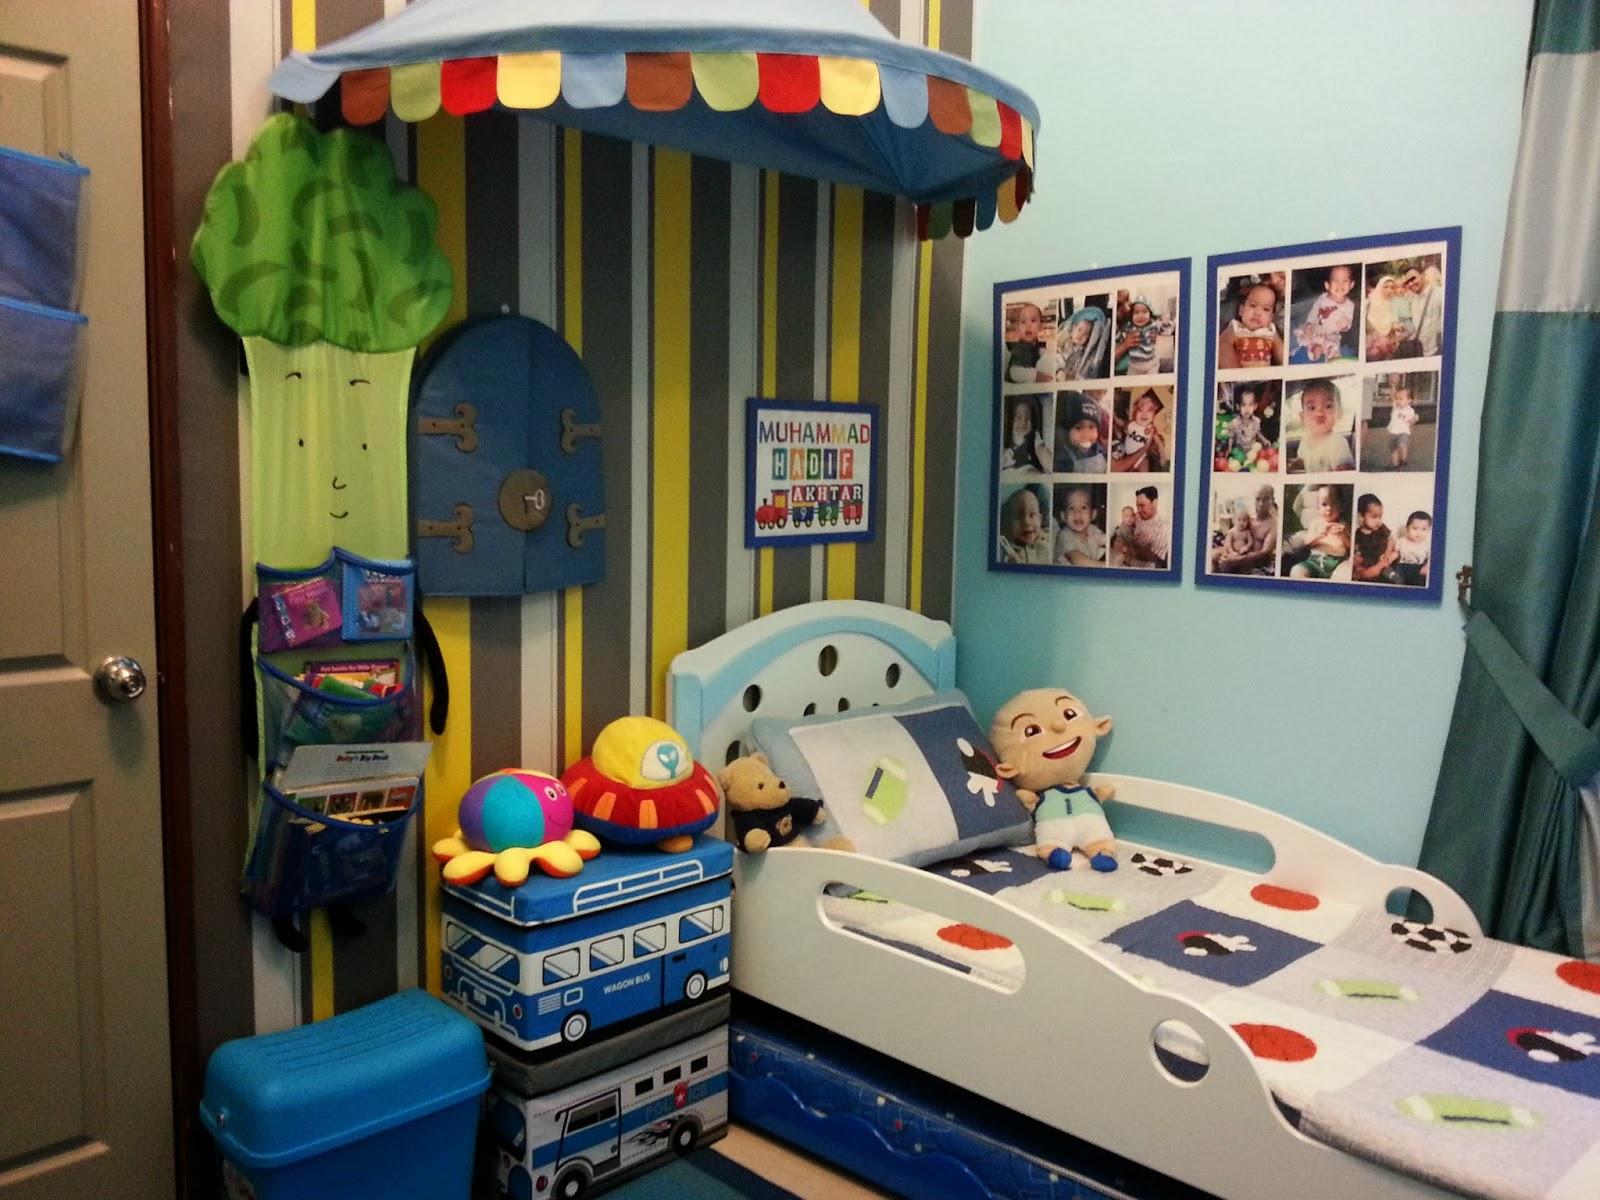 X presi by kemn azmaili deko rias transformasi bilik tidur anak - Deco boy ...